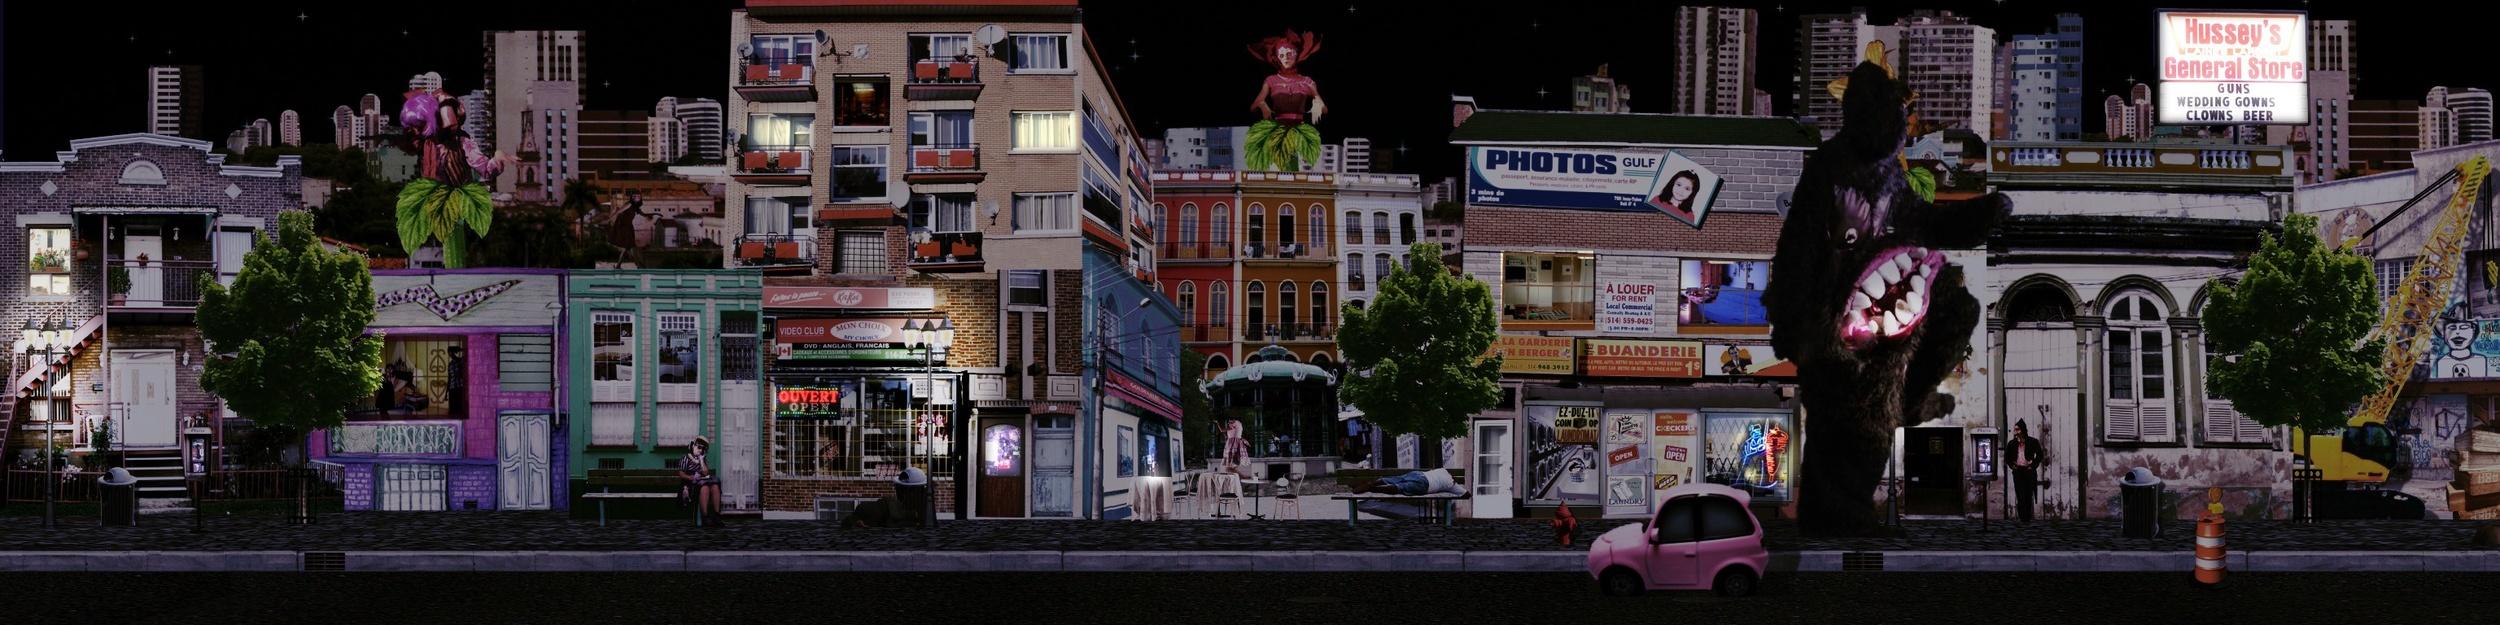 Urban Terrarium (night)